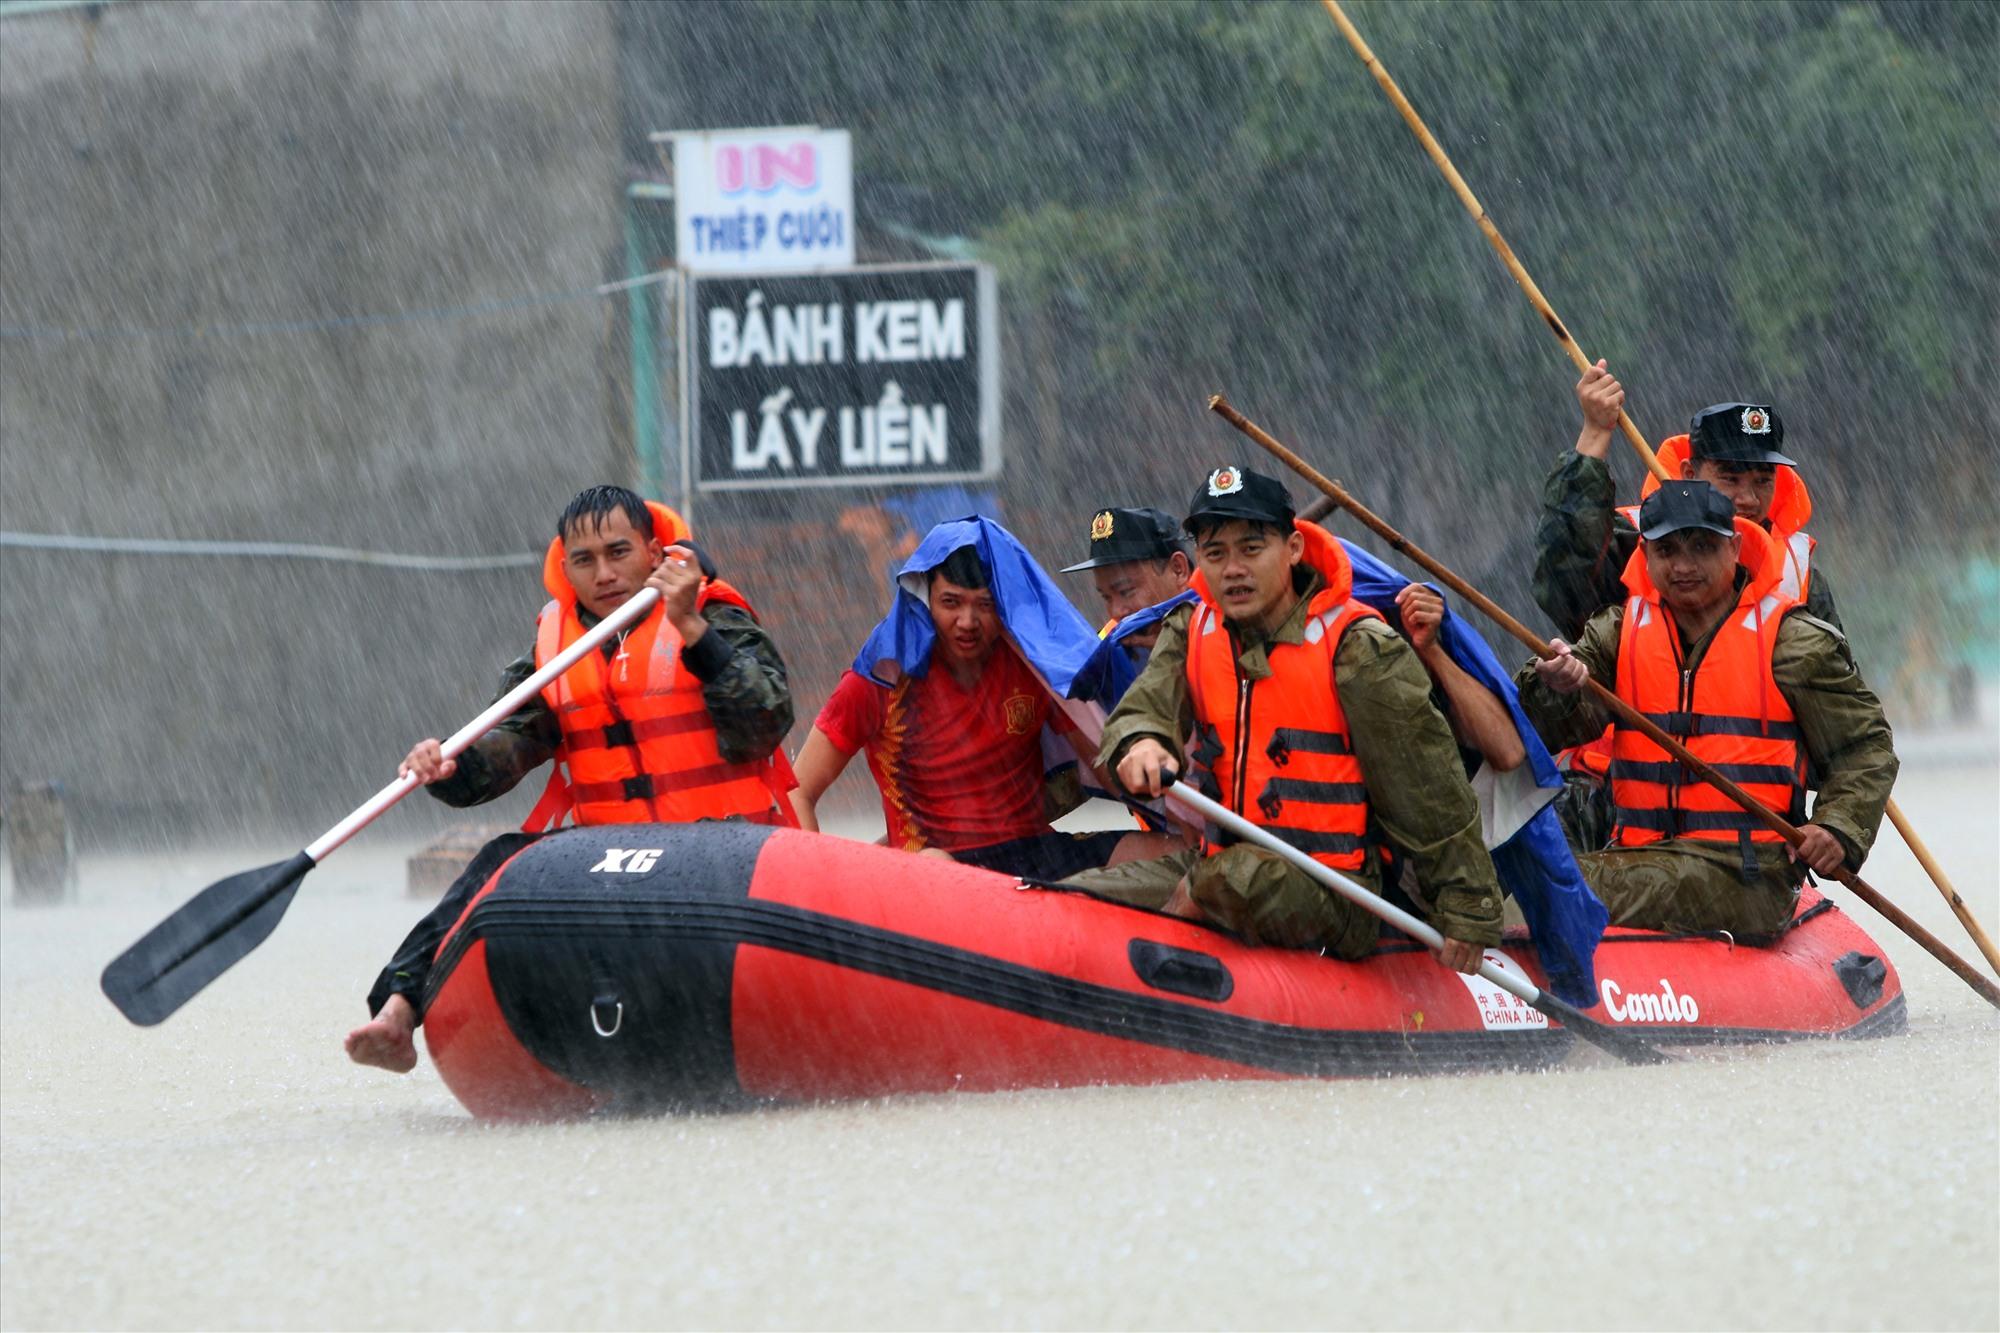 Cán bộ, chiến sĩ dầm trong lũ sơ tán dân ở xã Tam Đàn (Phú Ninh) vùng bị ngập sâu đến nơi an toàn. Ảnh: T.C